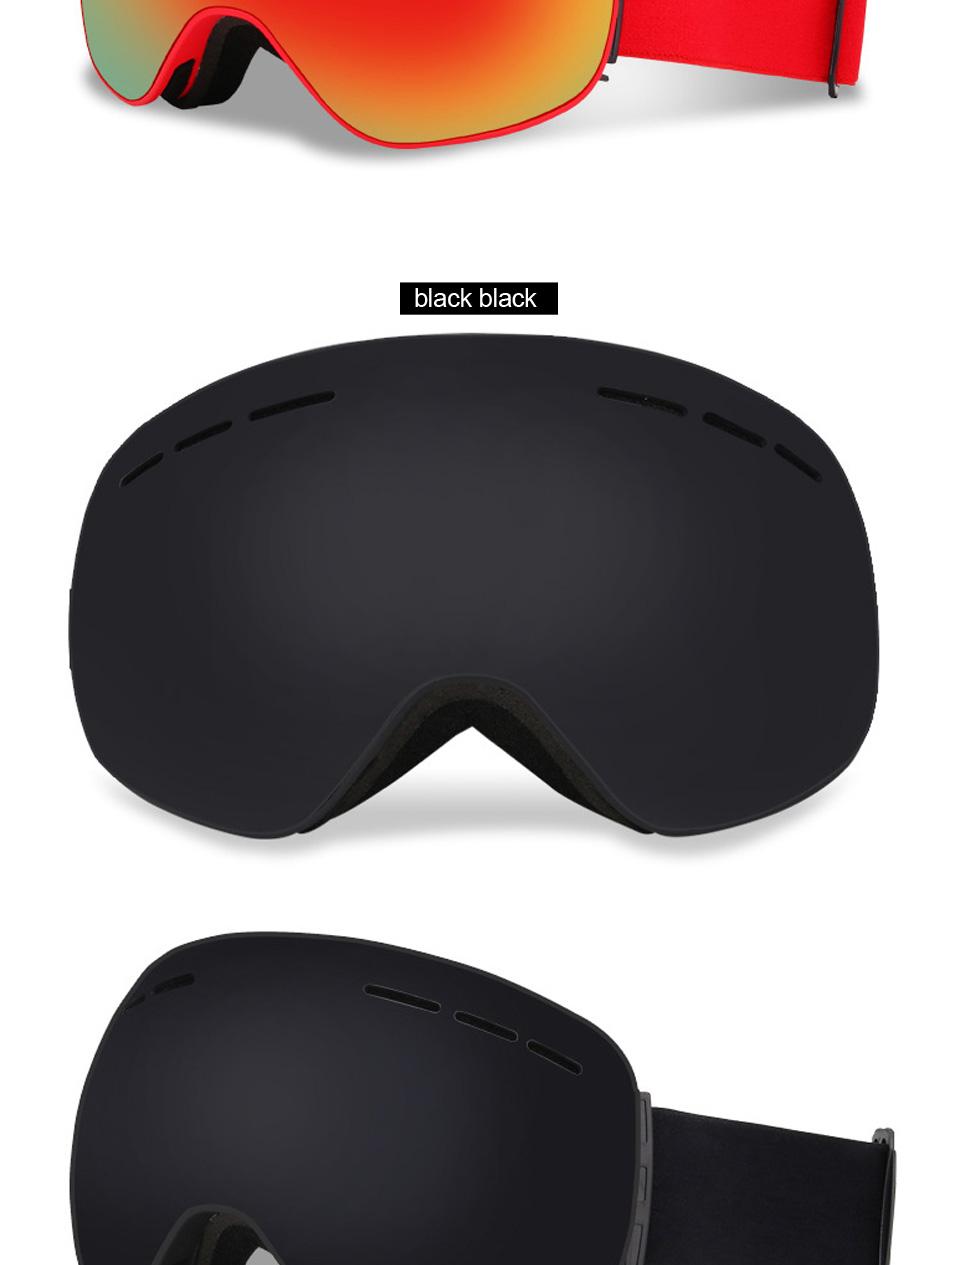 Gafas protectoras de Montaje para Cámara Bullet Lápiz Labial cam cam cabeza para Snowboard Ski Moto X